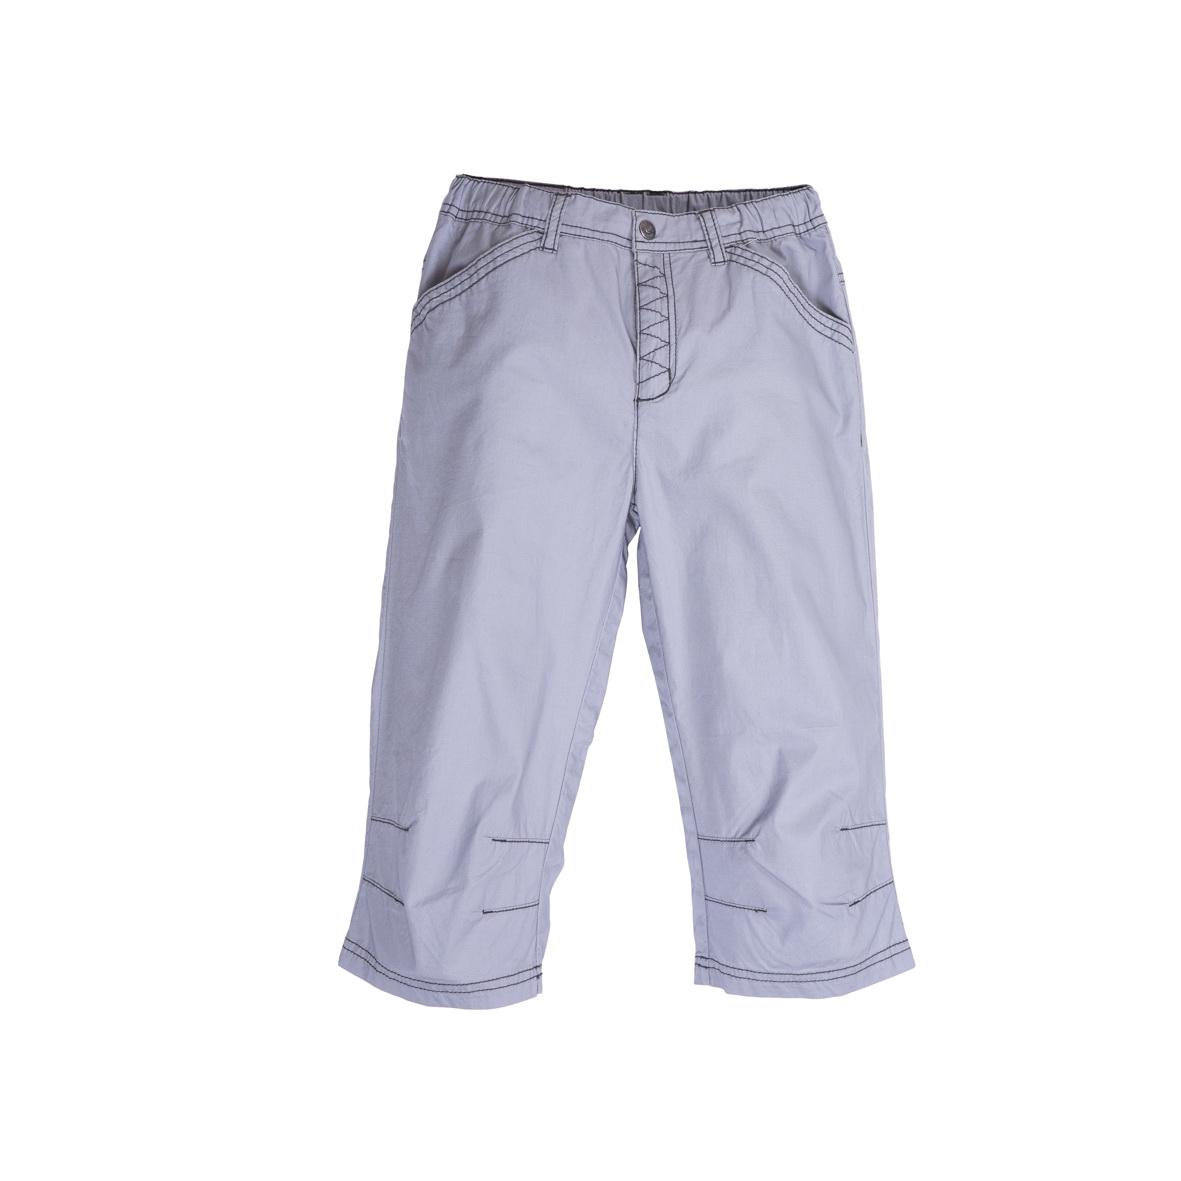 Купить Бриджи, Город серый для мальчика, 1шт., Barkito SS15CB126001, Бангладеш